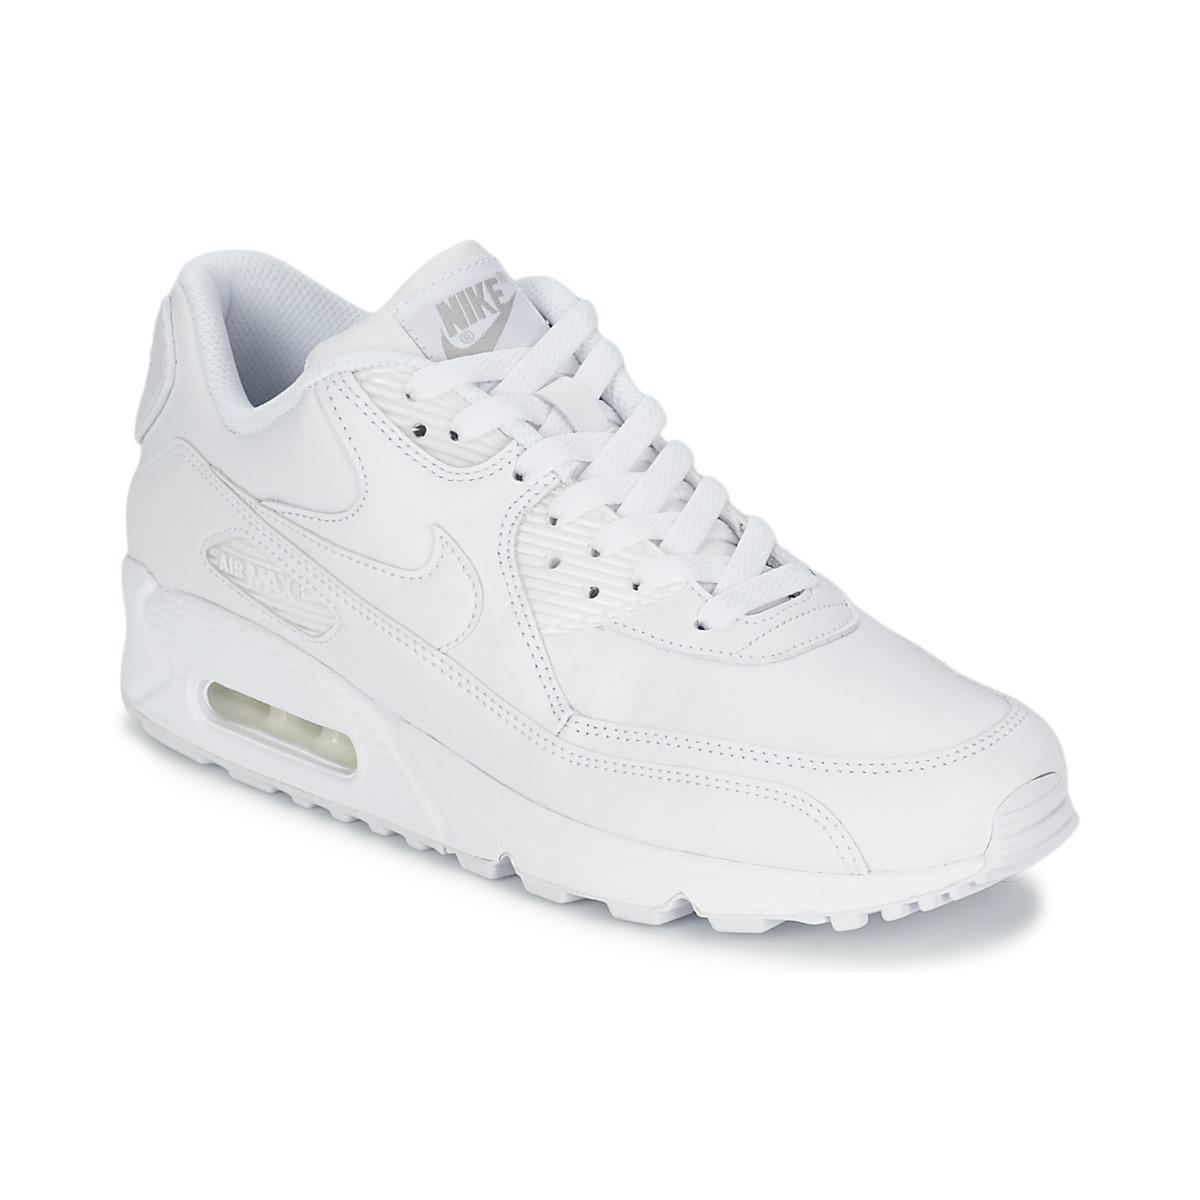 fa9f9f199b3 Nike AIR MAX 90 Branco - Entrega gratuita com a Spartoo.pt ! - Sapatos  Sapatilhas Homem 144